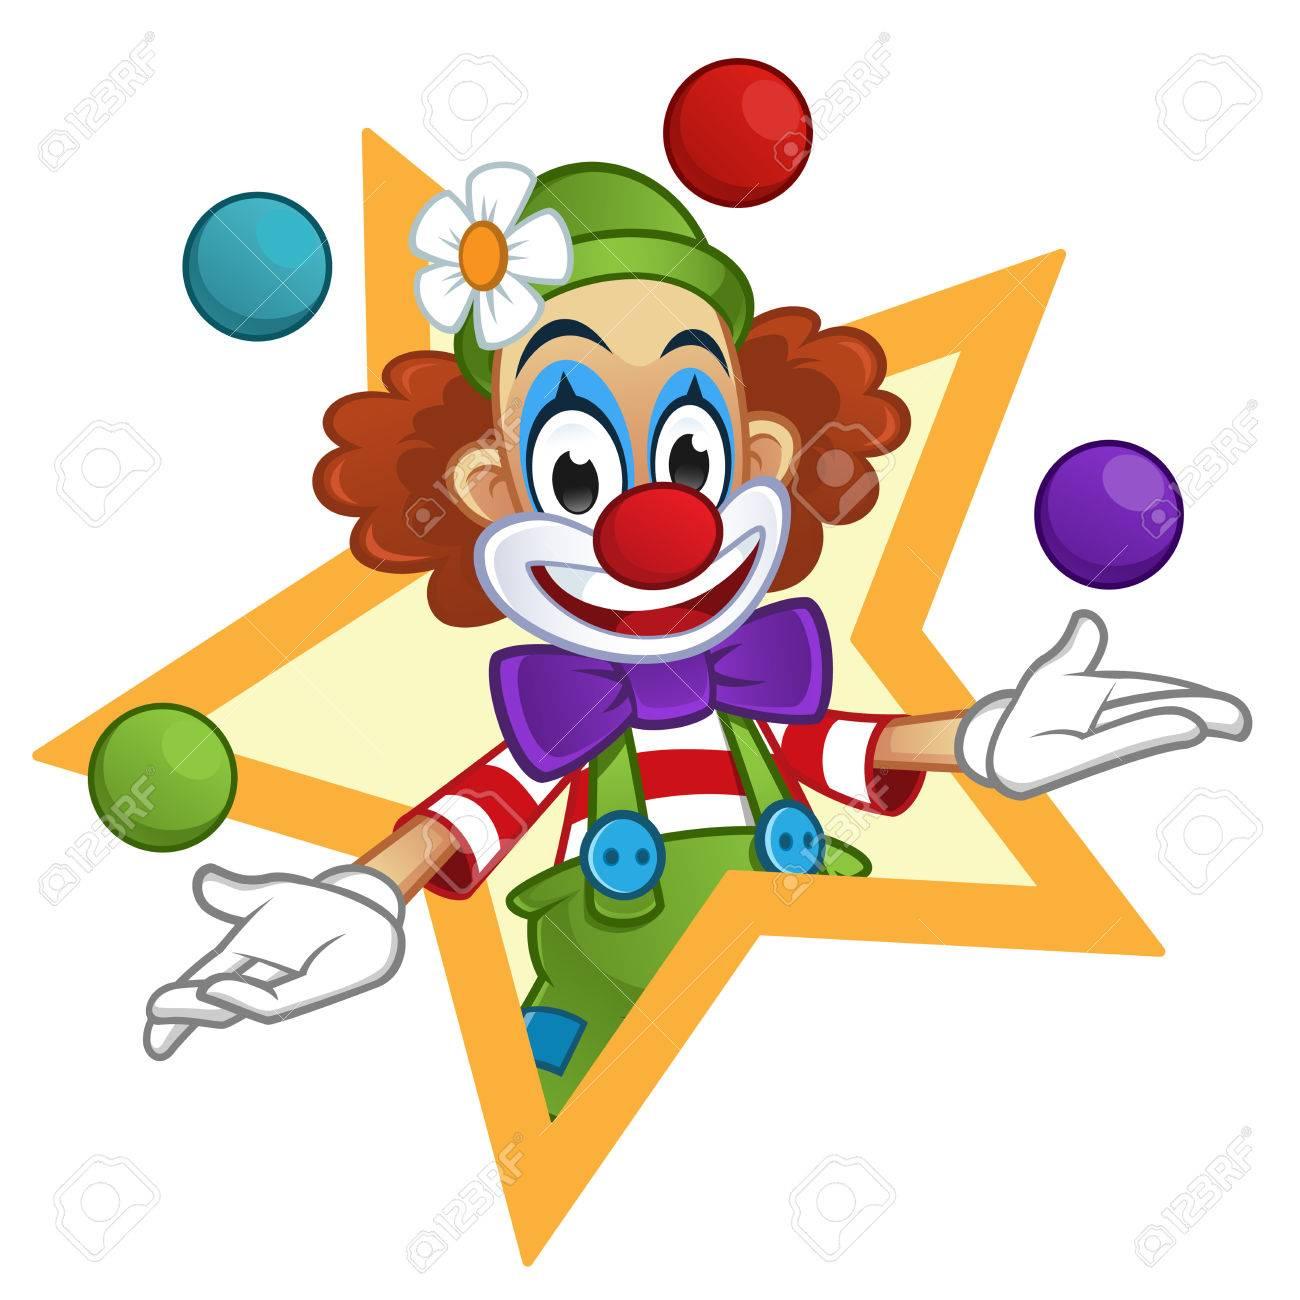 """Résultat de recherche d'images pour """"Clown libre de droit"""""""